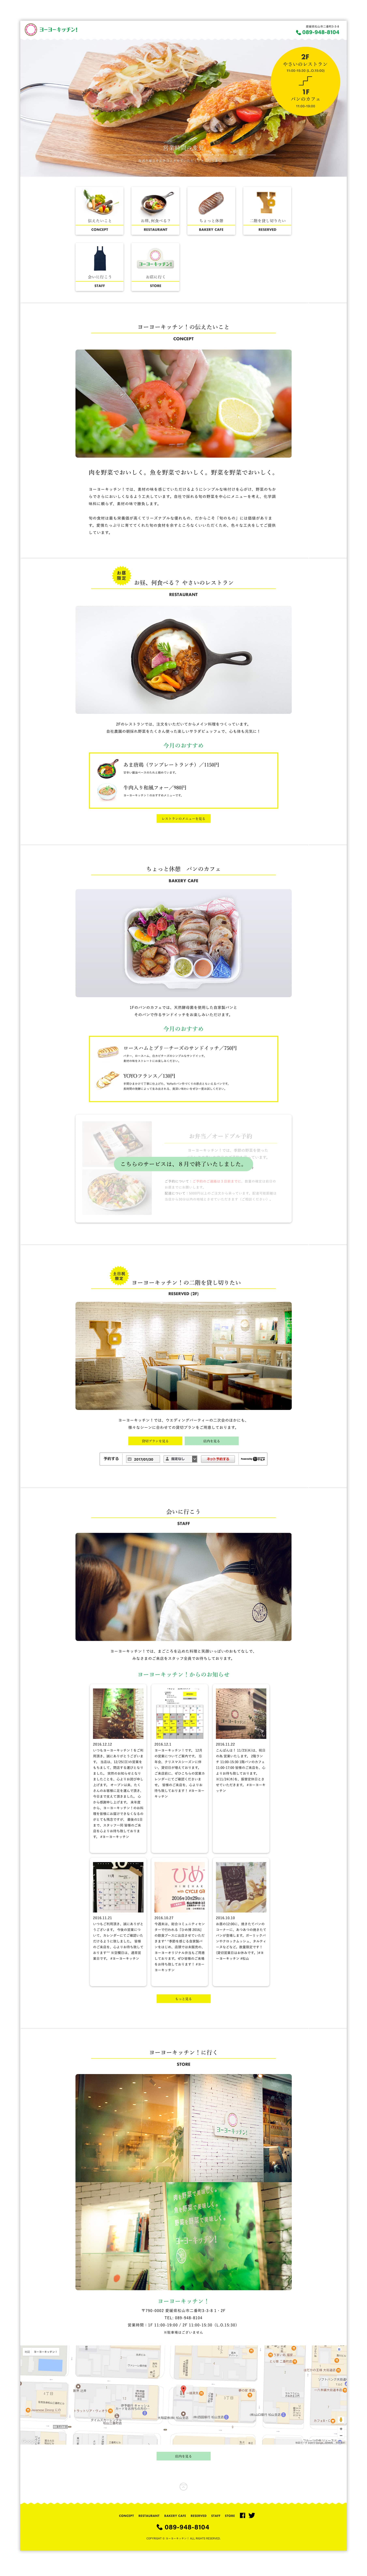 YOYO KITCHEN - Visual Identity, Website 6